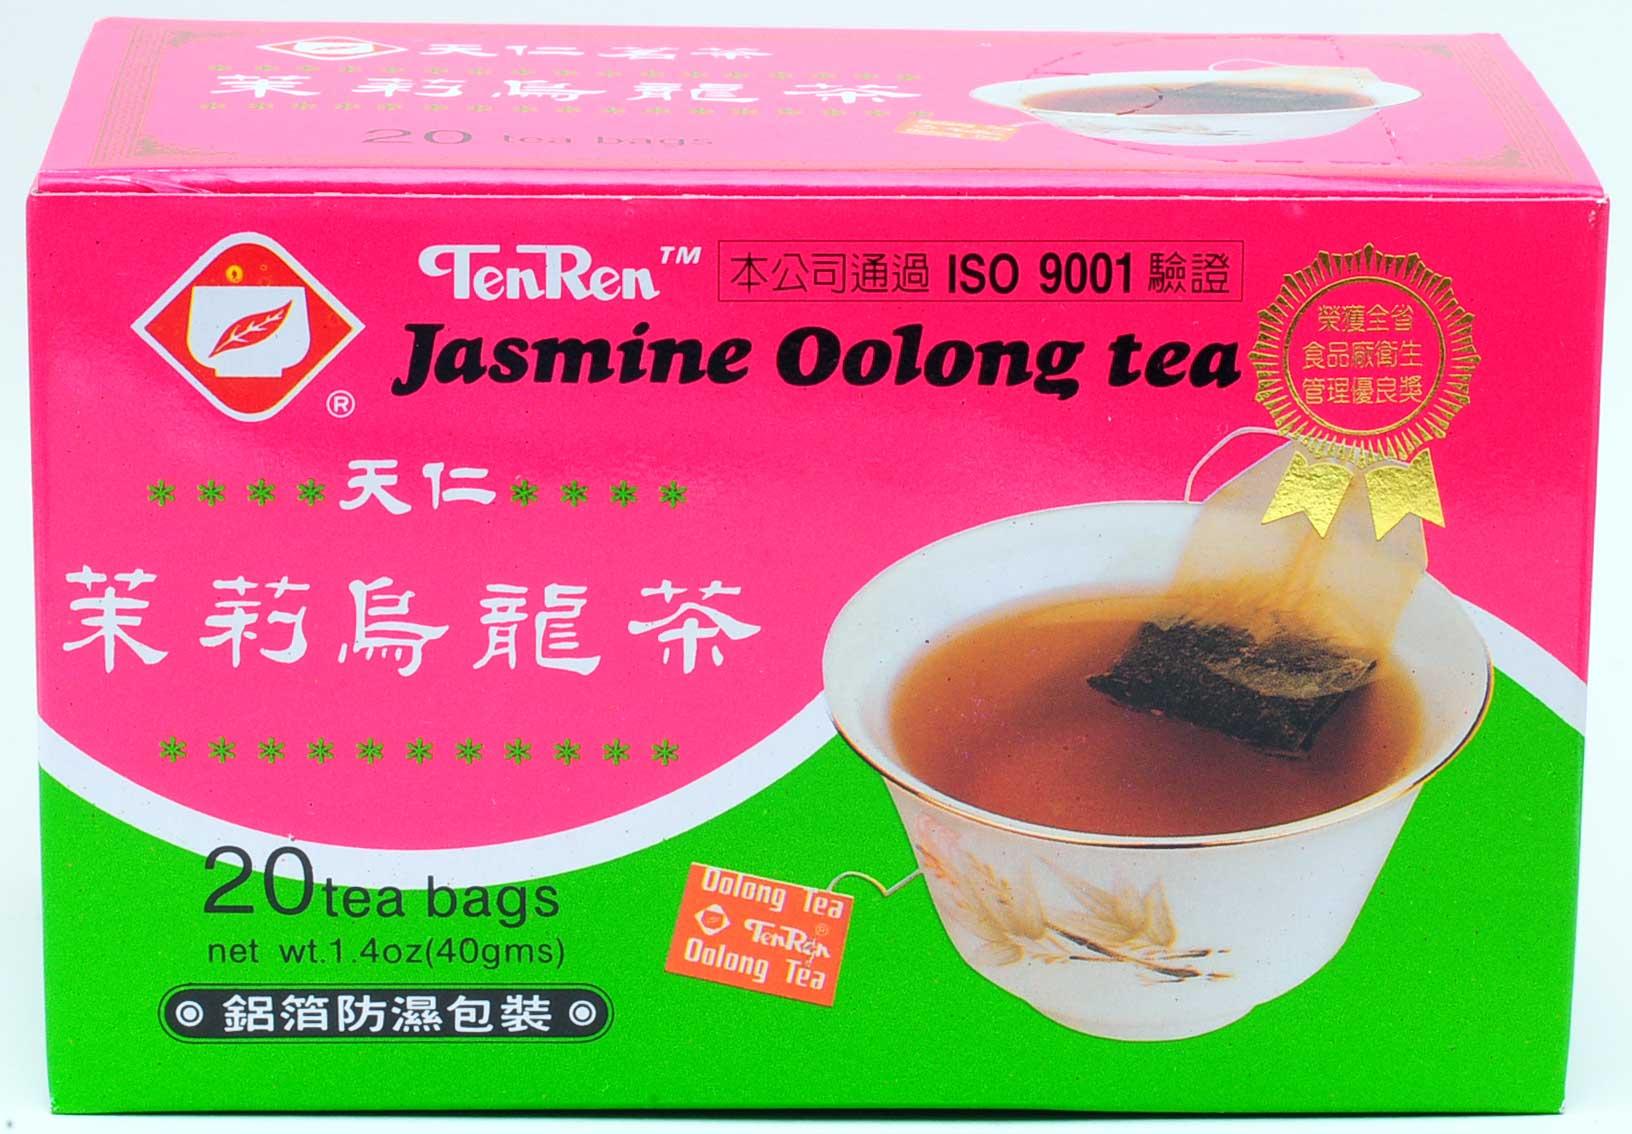 天仁茗茶 茉莉烏龍茶ティーバッグ 20バッグ